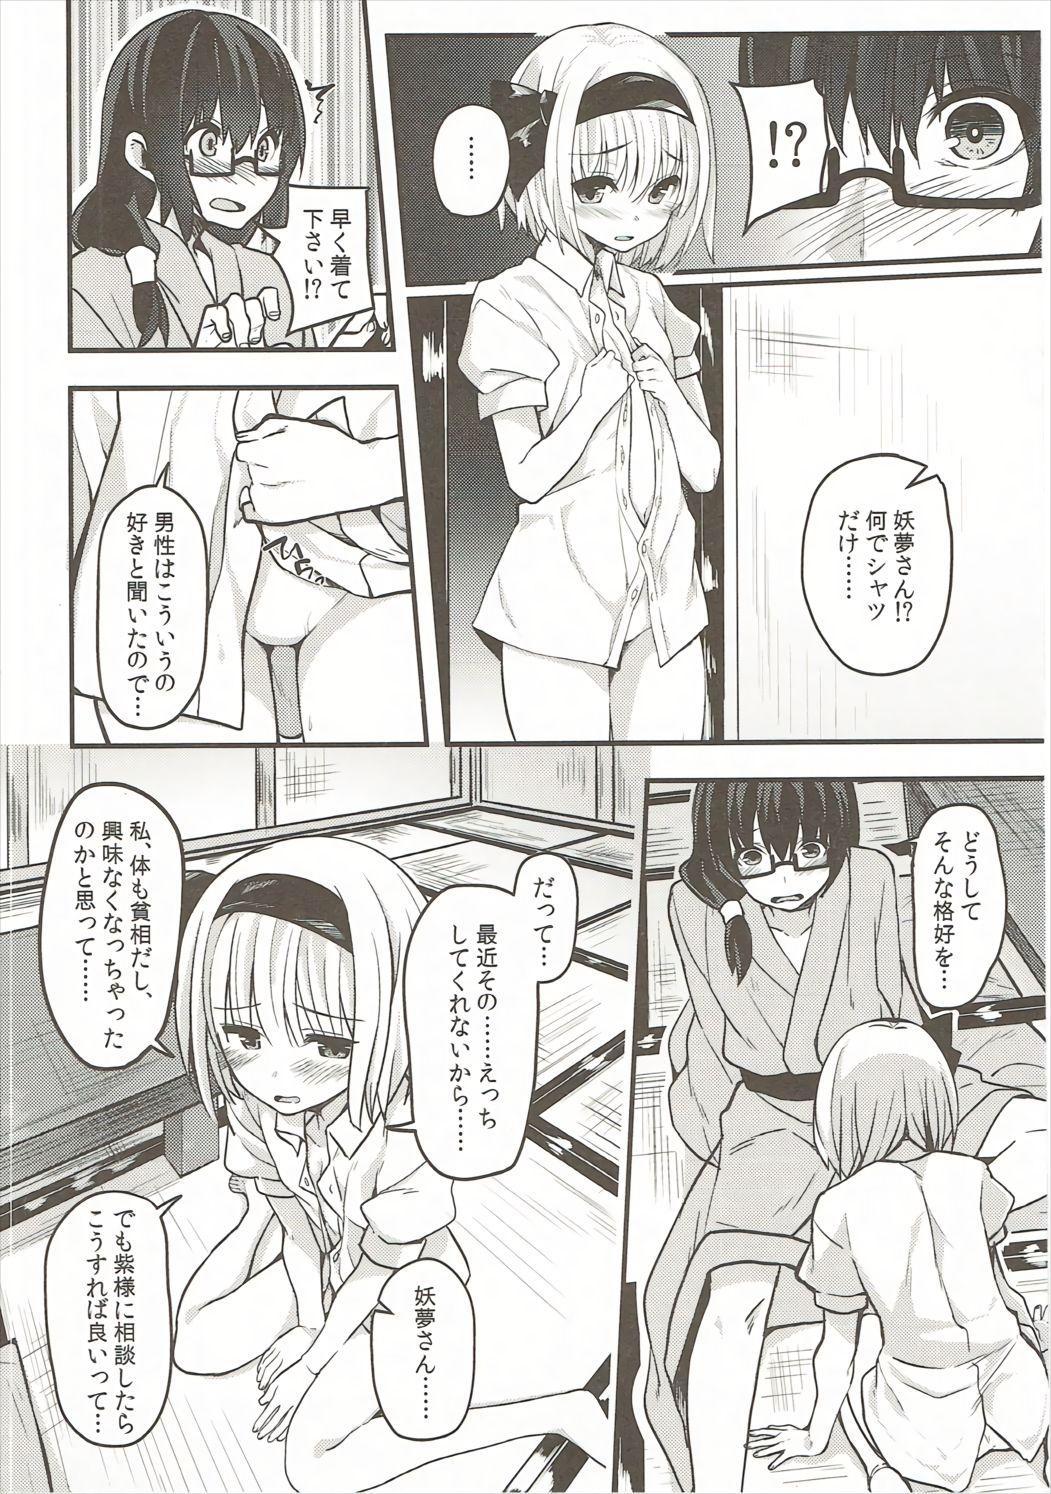 Hontou no Kimochi 2 6